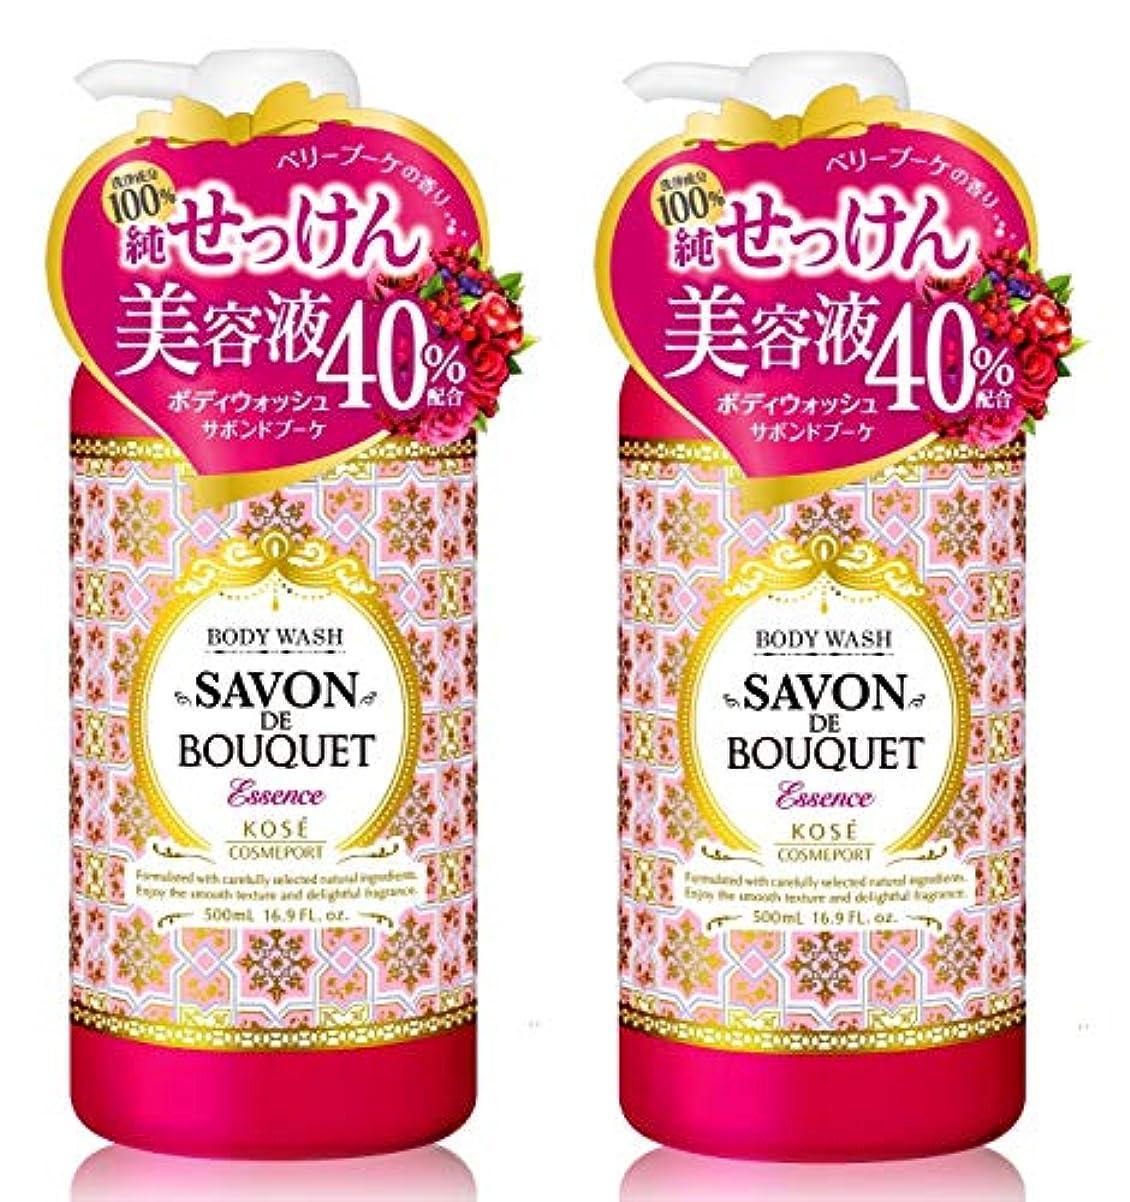 メロディアスピンポイント甘やかすKOSE コーセー サボンドブーケ エッセンス ボディウォッシュ 100% 純せっけん 500ml×2個